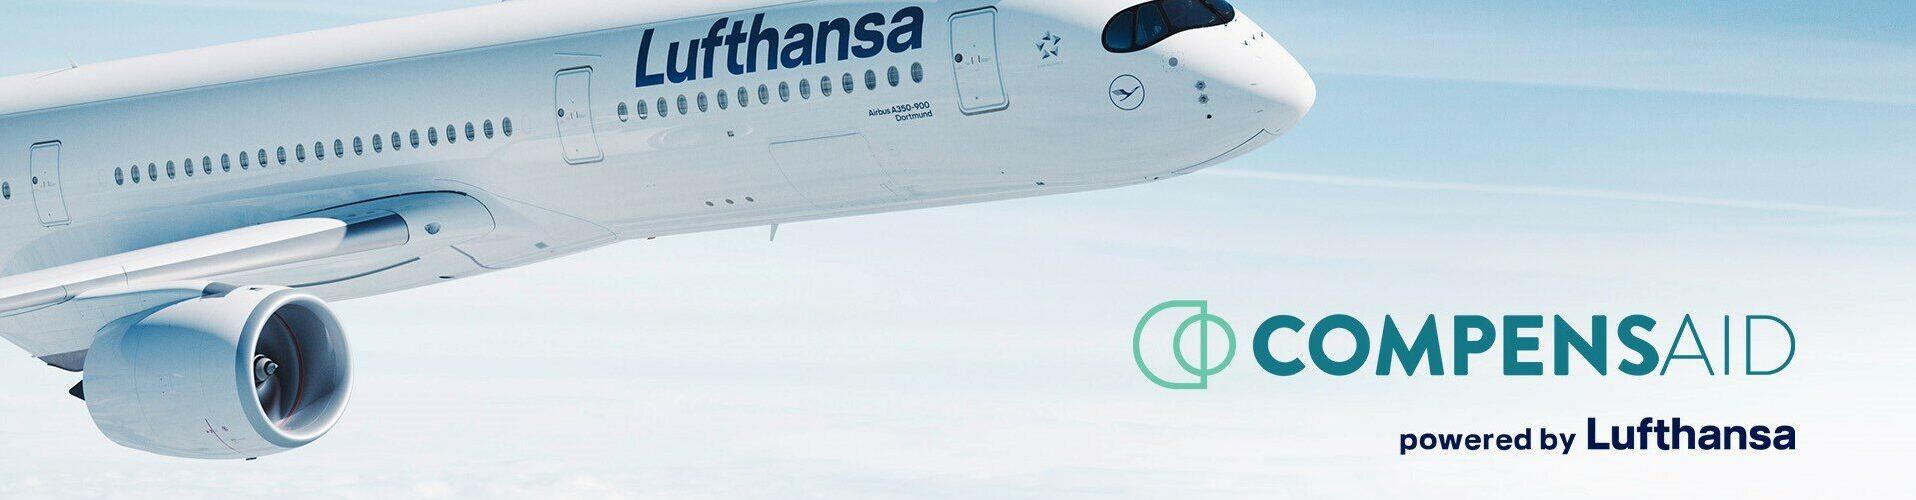 Fiaramanidina tsy miandany amin'ny karbona - Lufthansa Compensaid efa azon'ny mpanjifa orinasa izao